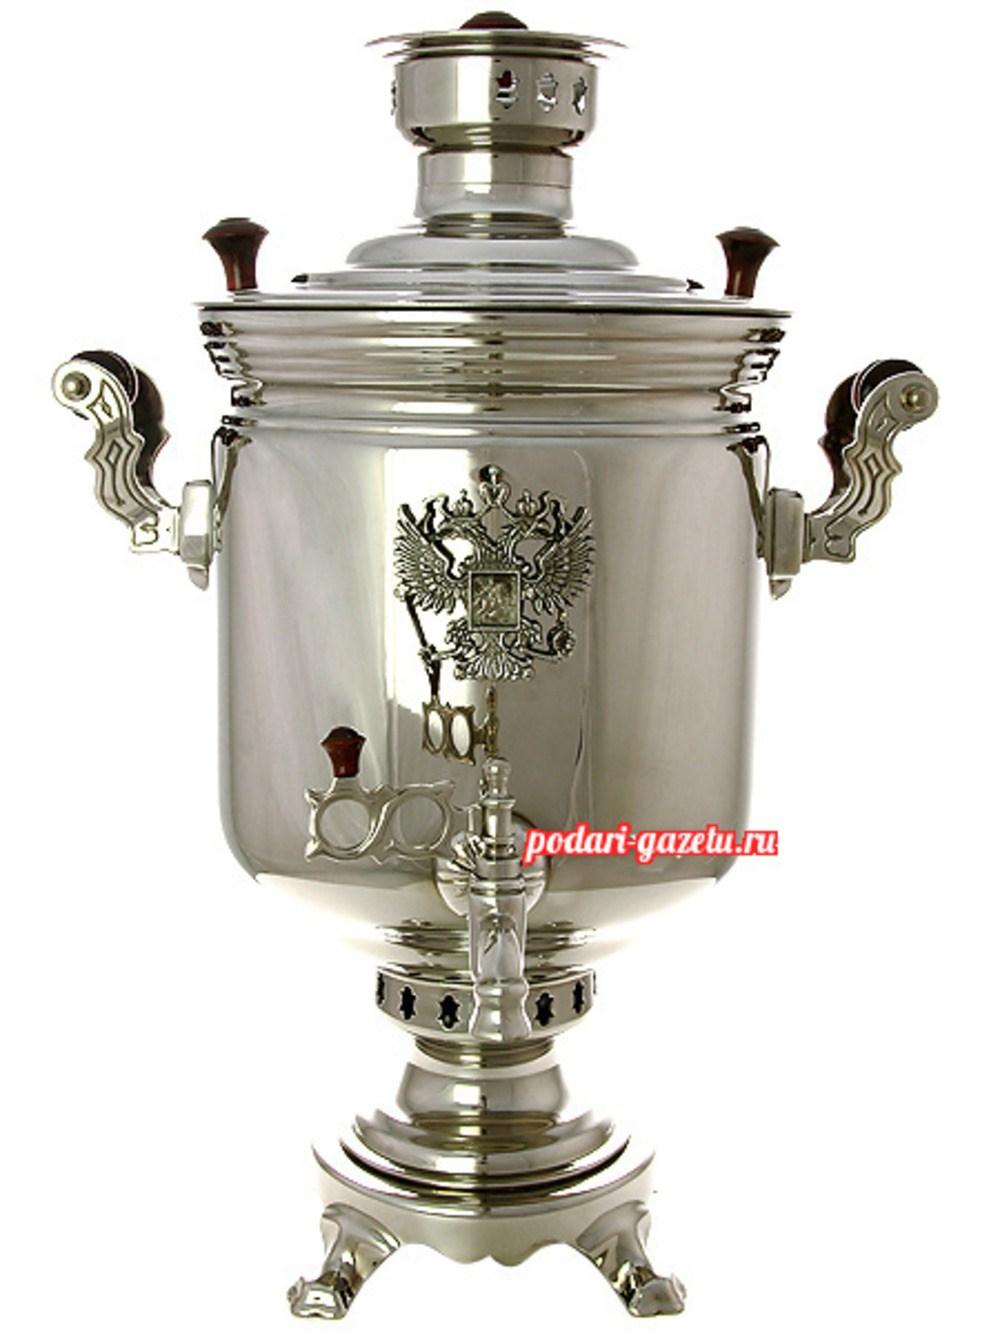 Угольный самовар на дровах (жаровый, дровяной) на 5 литров цилиндр никелированный с накладным Гербом РФ